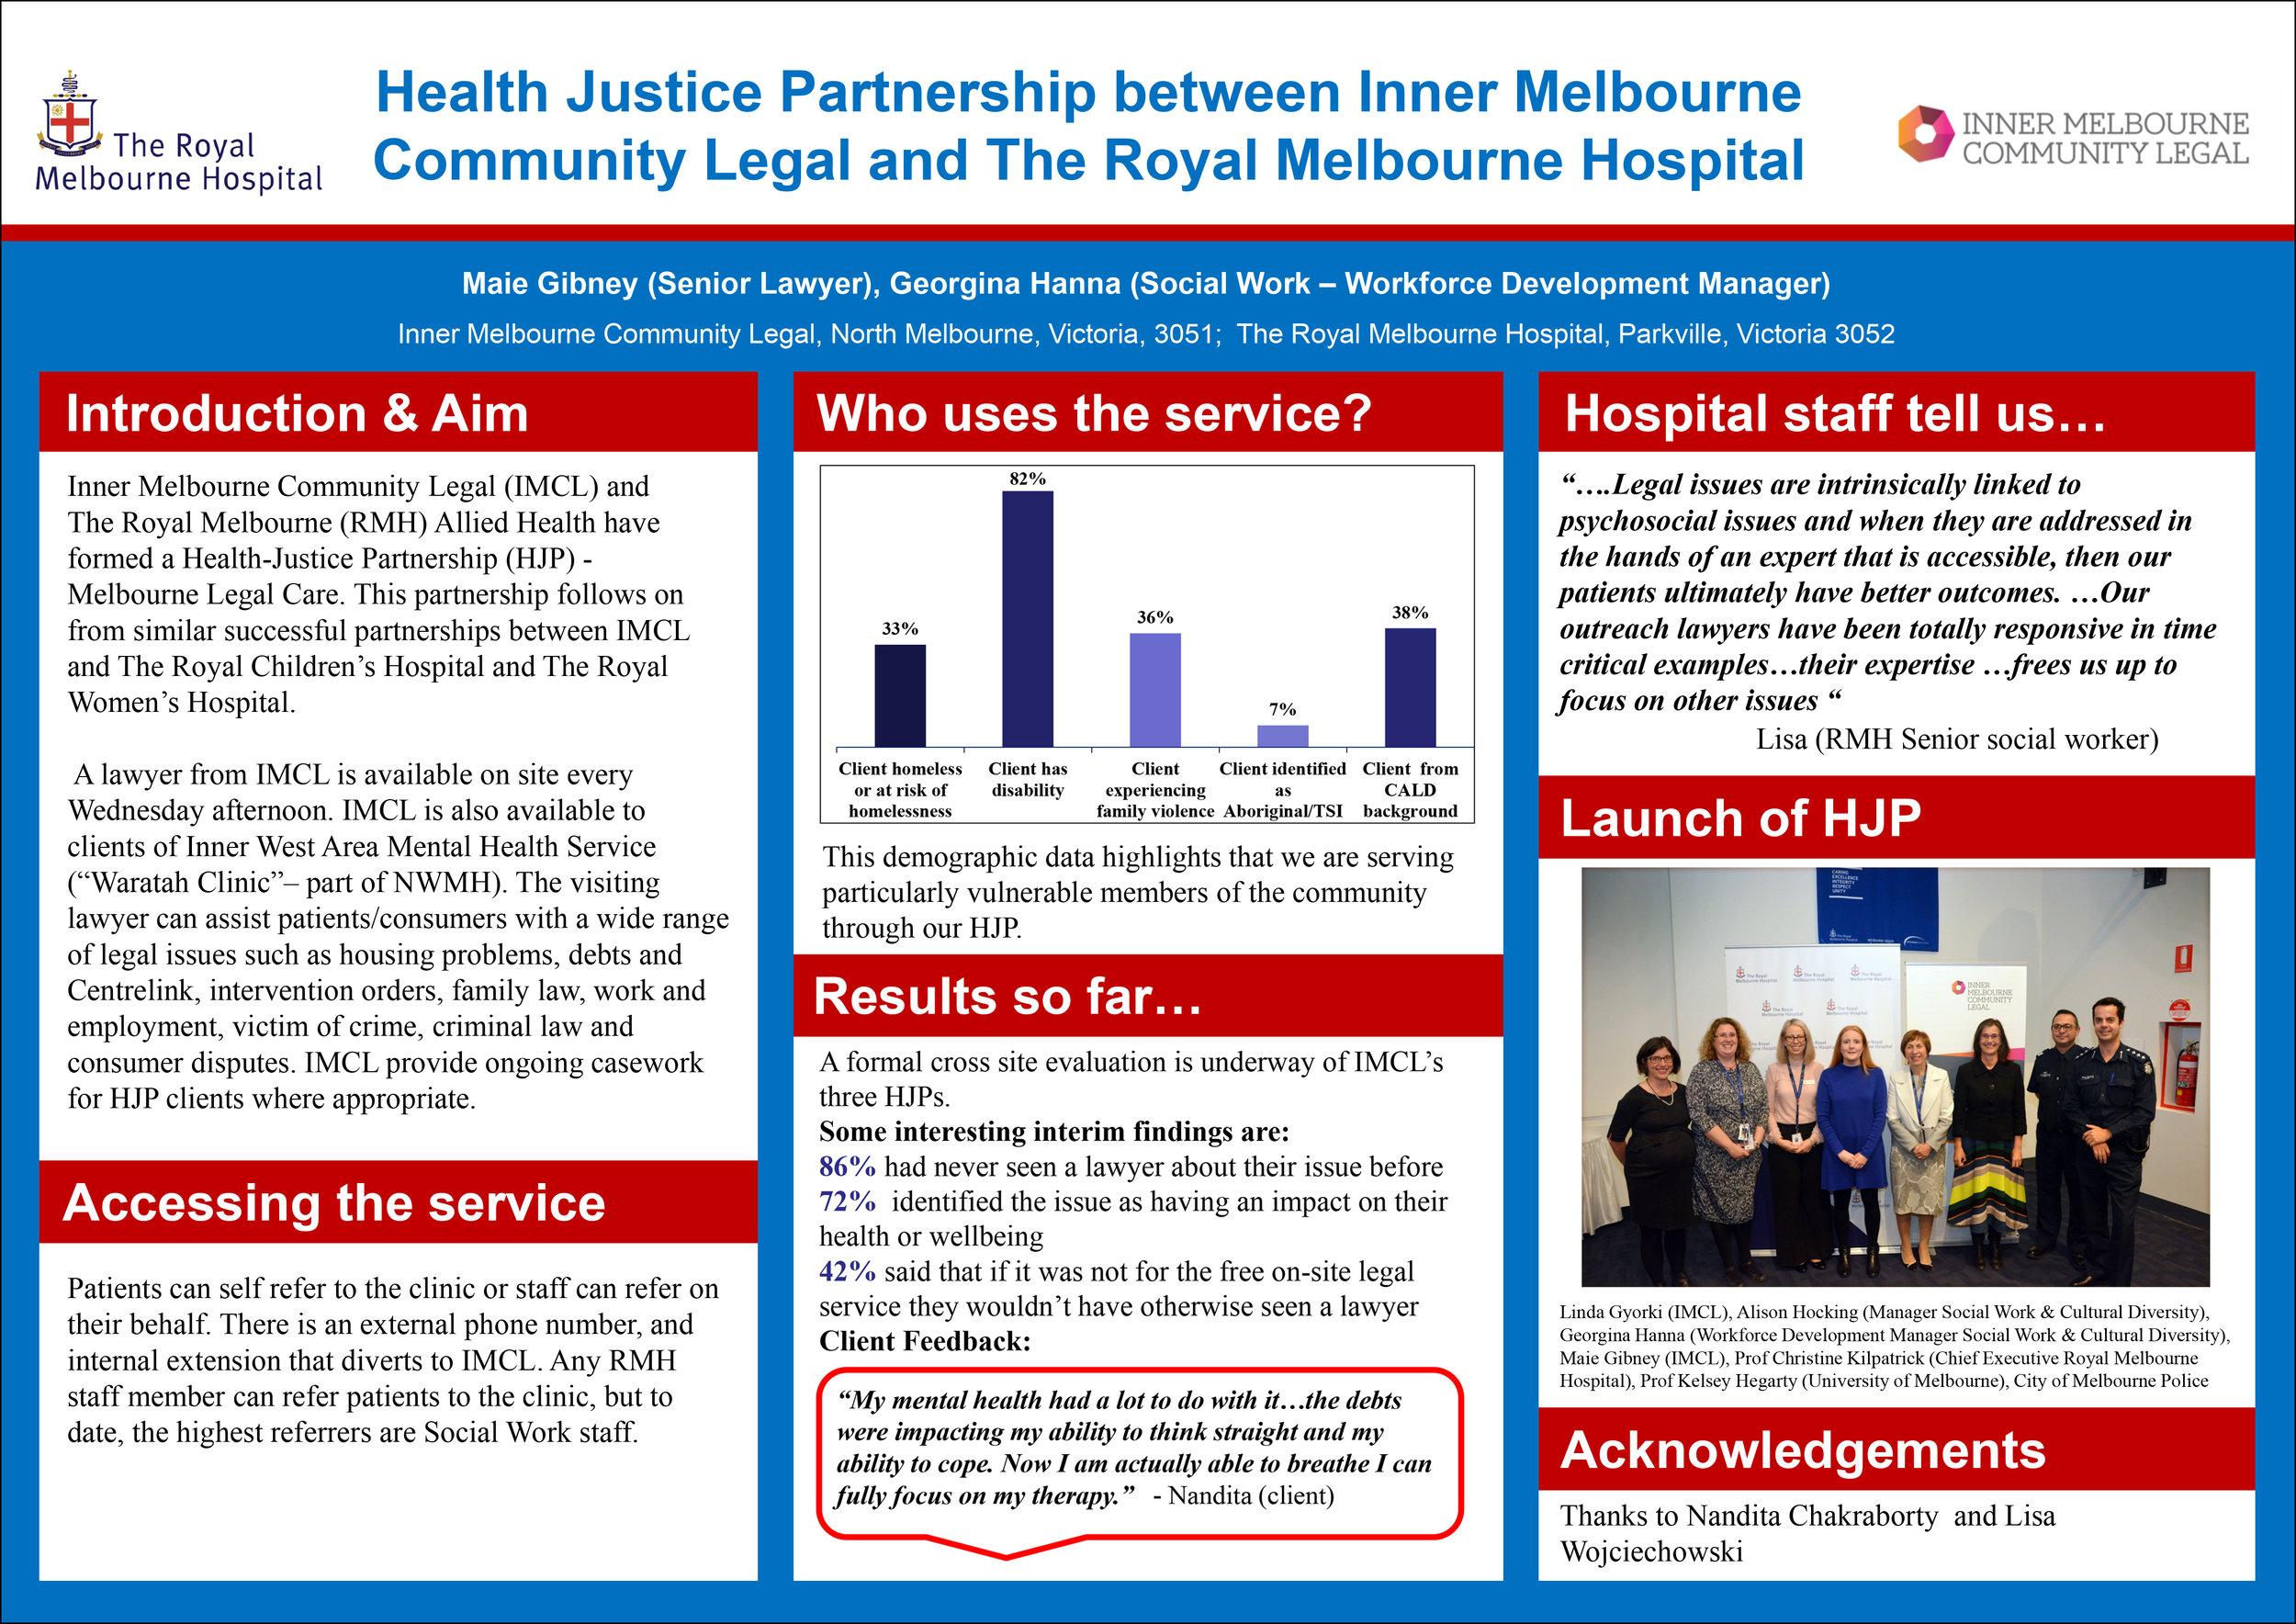 HJP Poster - Royal Melbourne Hospital and Inner Melbourne Community Legal HJP - permission received.jpg